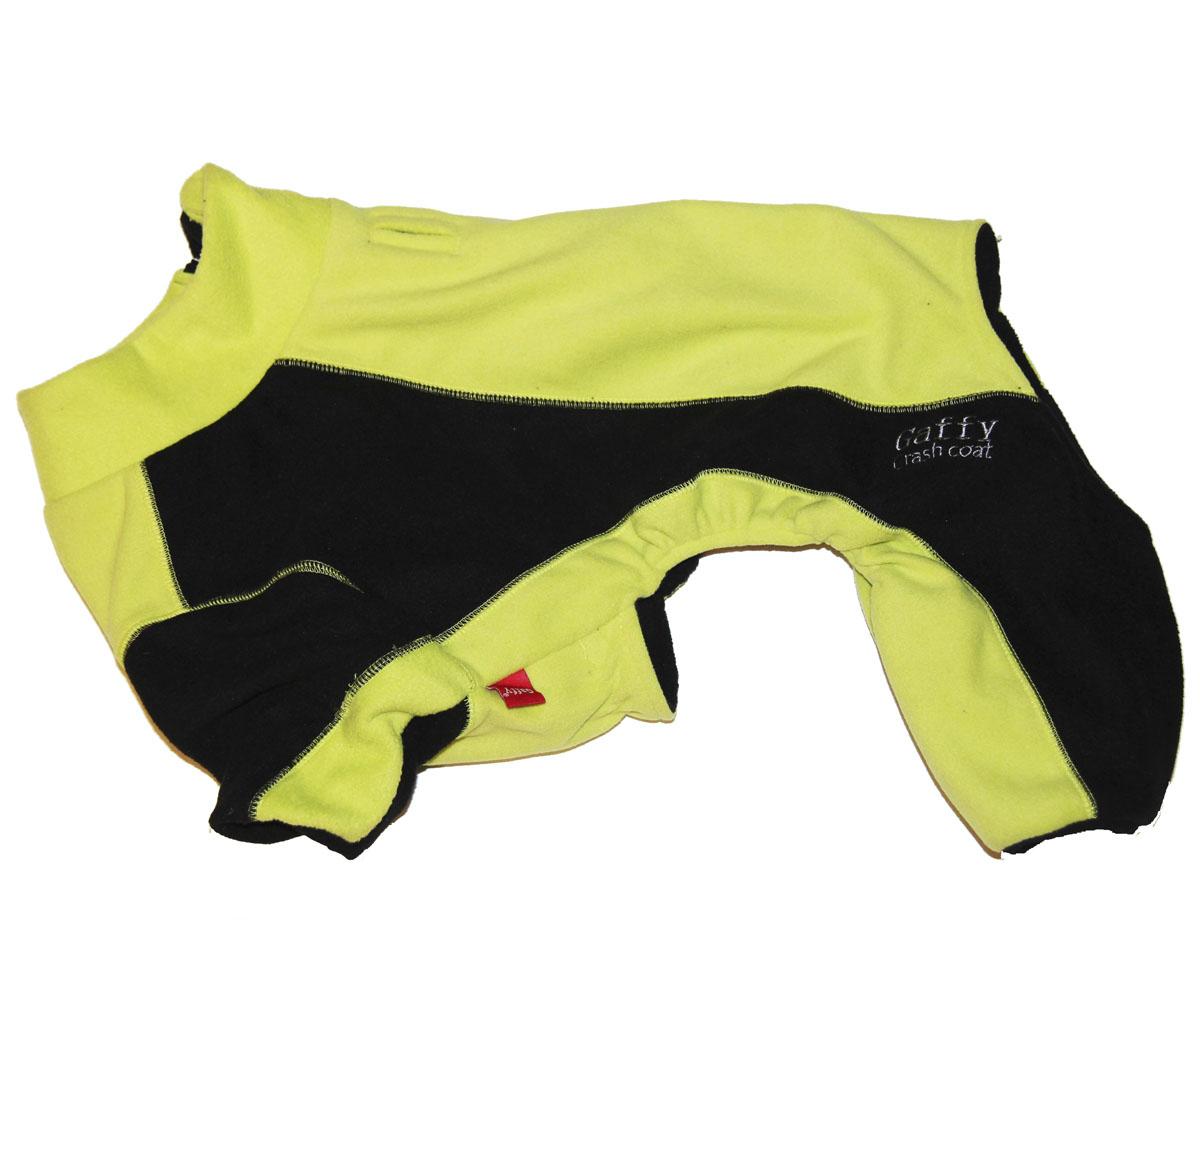 """Комбинезон для собак """"Gaffy Pet"""", унисекс, цвет: салатовый, черный. Размер M"""